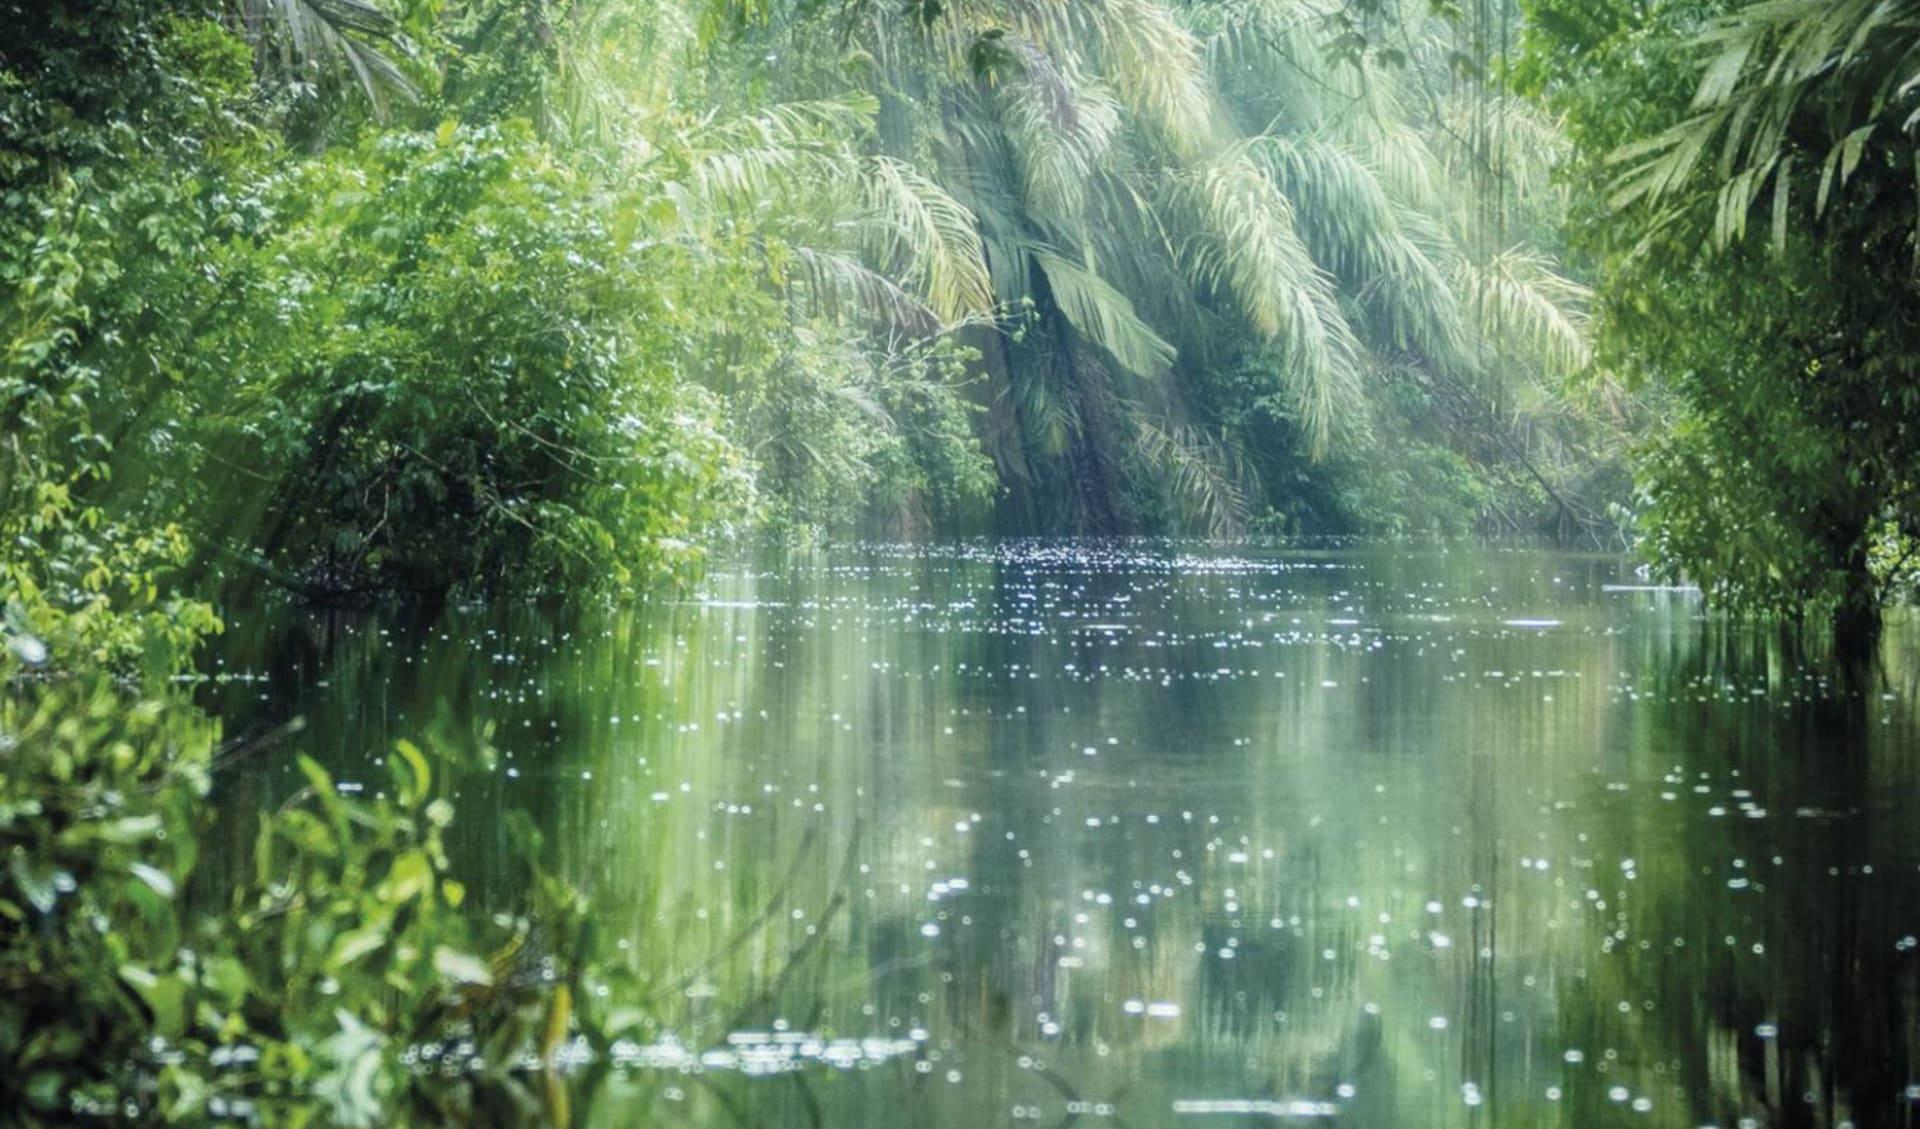 Privatreise Dschungel Deluxe ab San José City: Costa Rica - Tortuguero Nationalpark - Regenwald